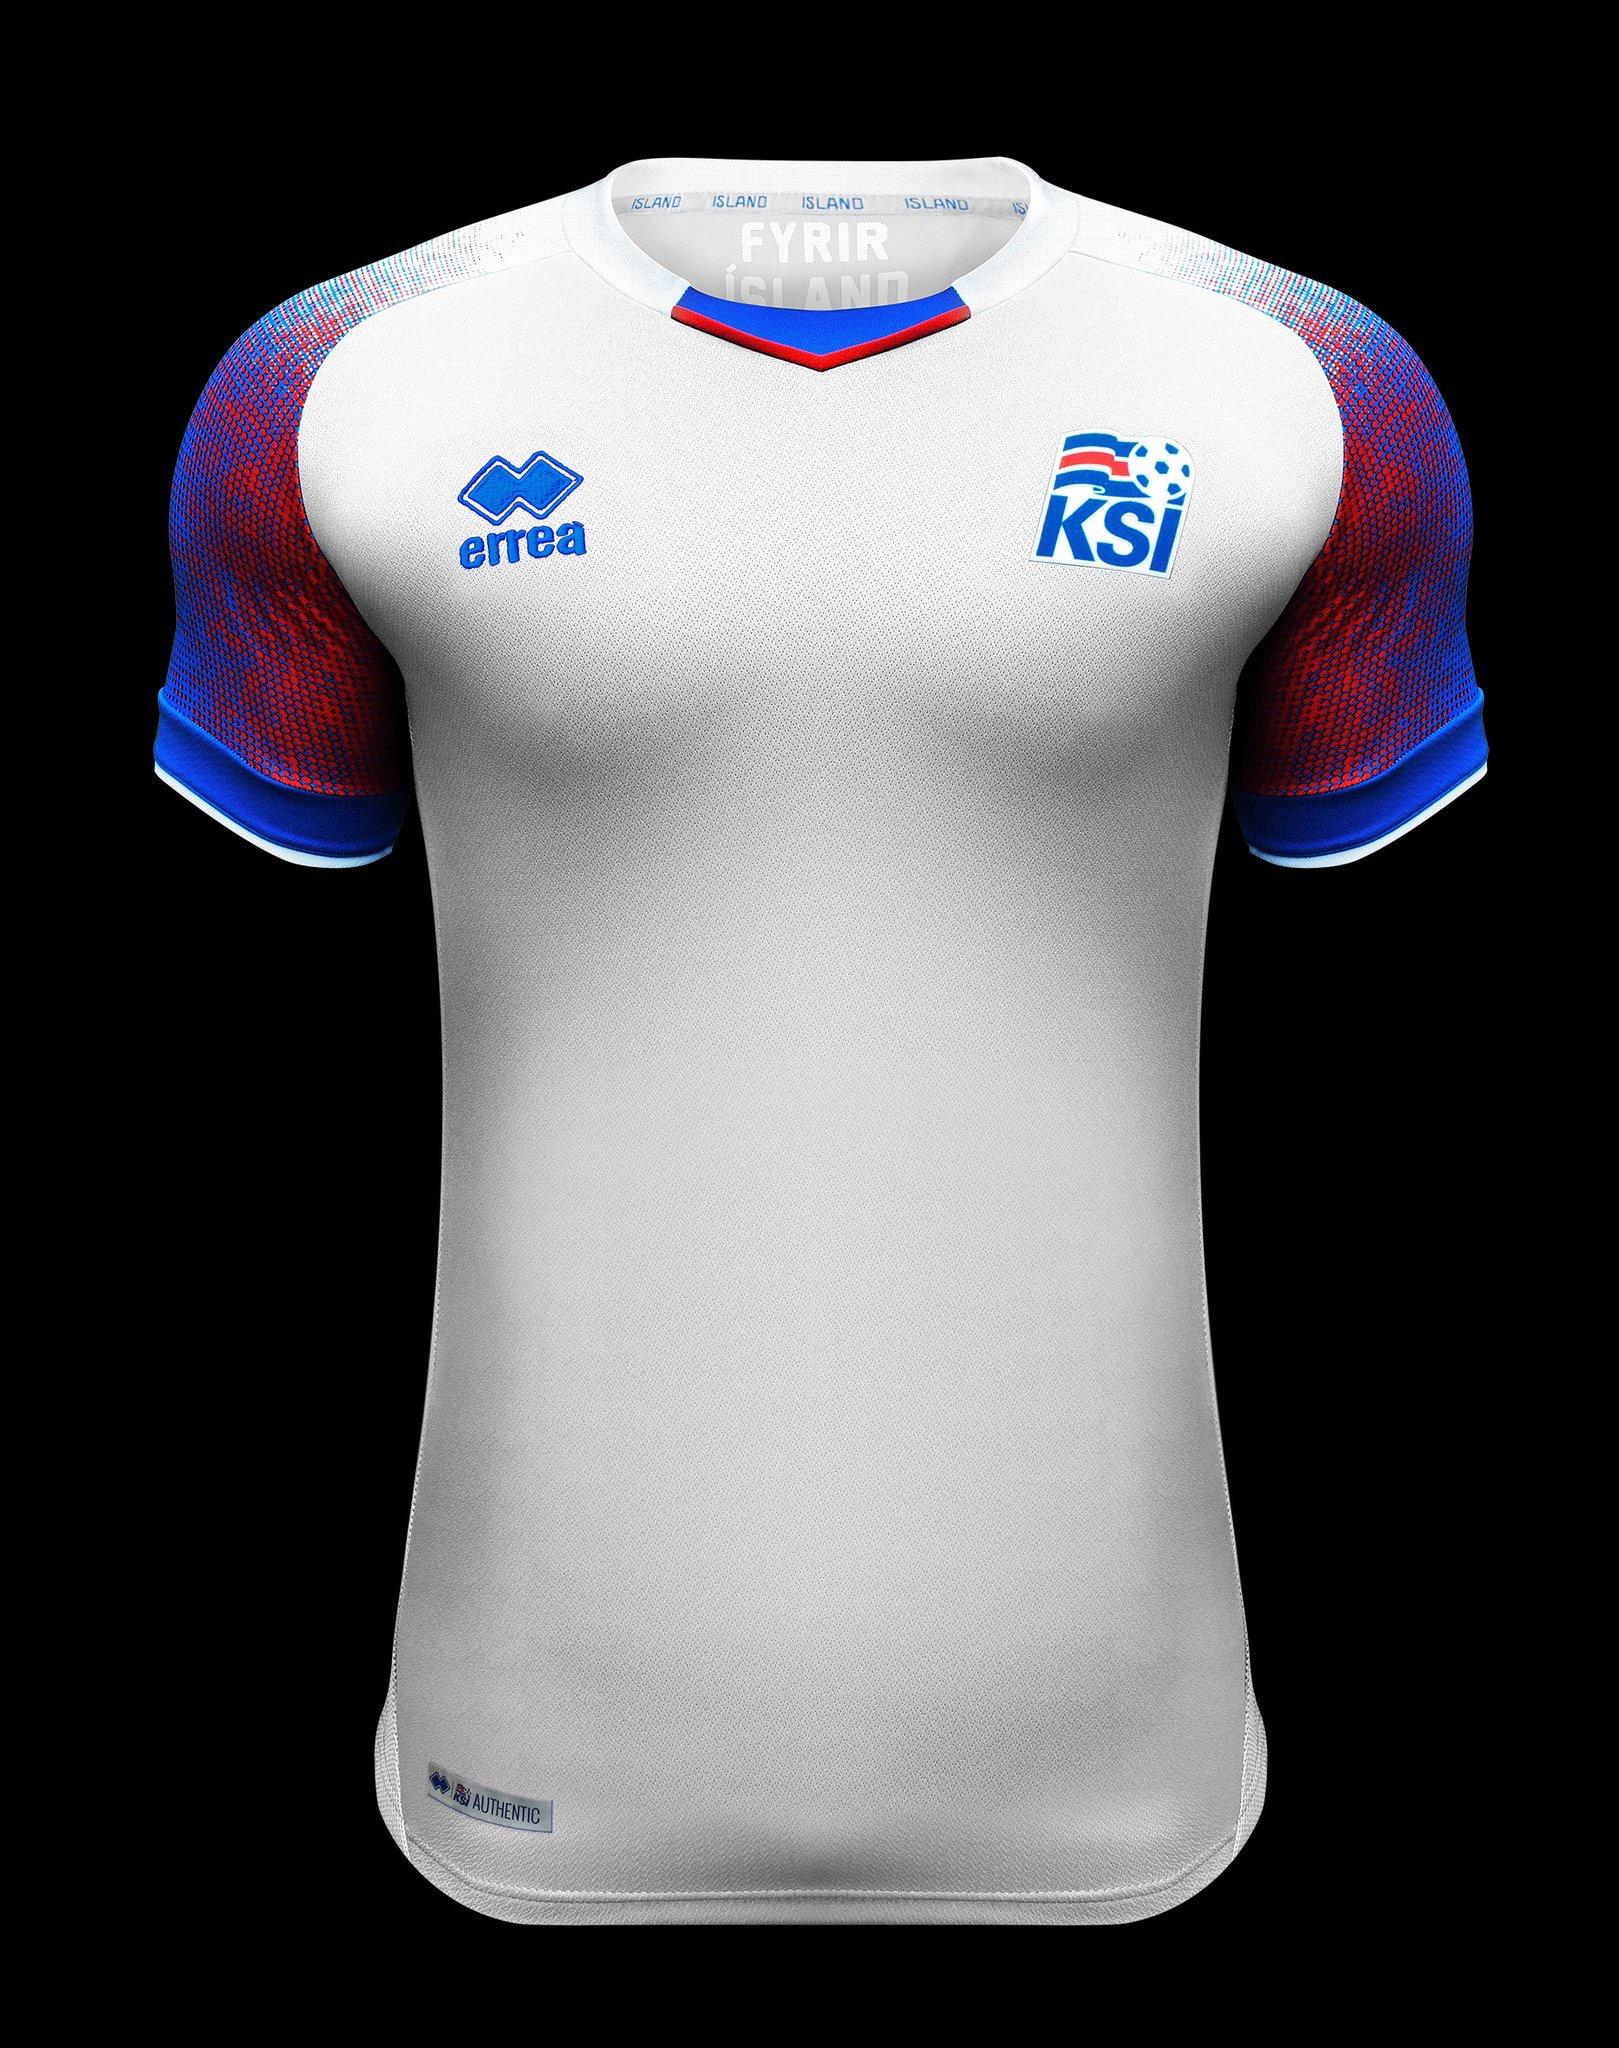 Islandia estrenará su uniforme mundialista ante México d2eabad602054